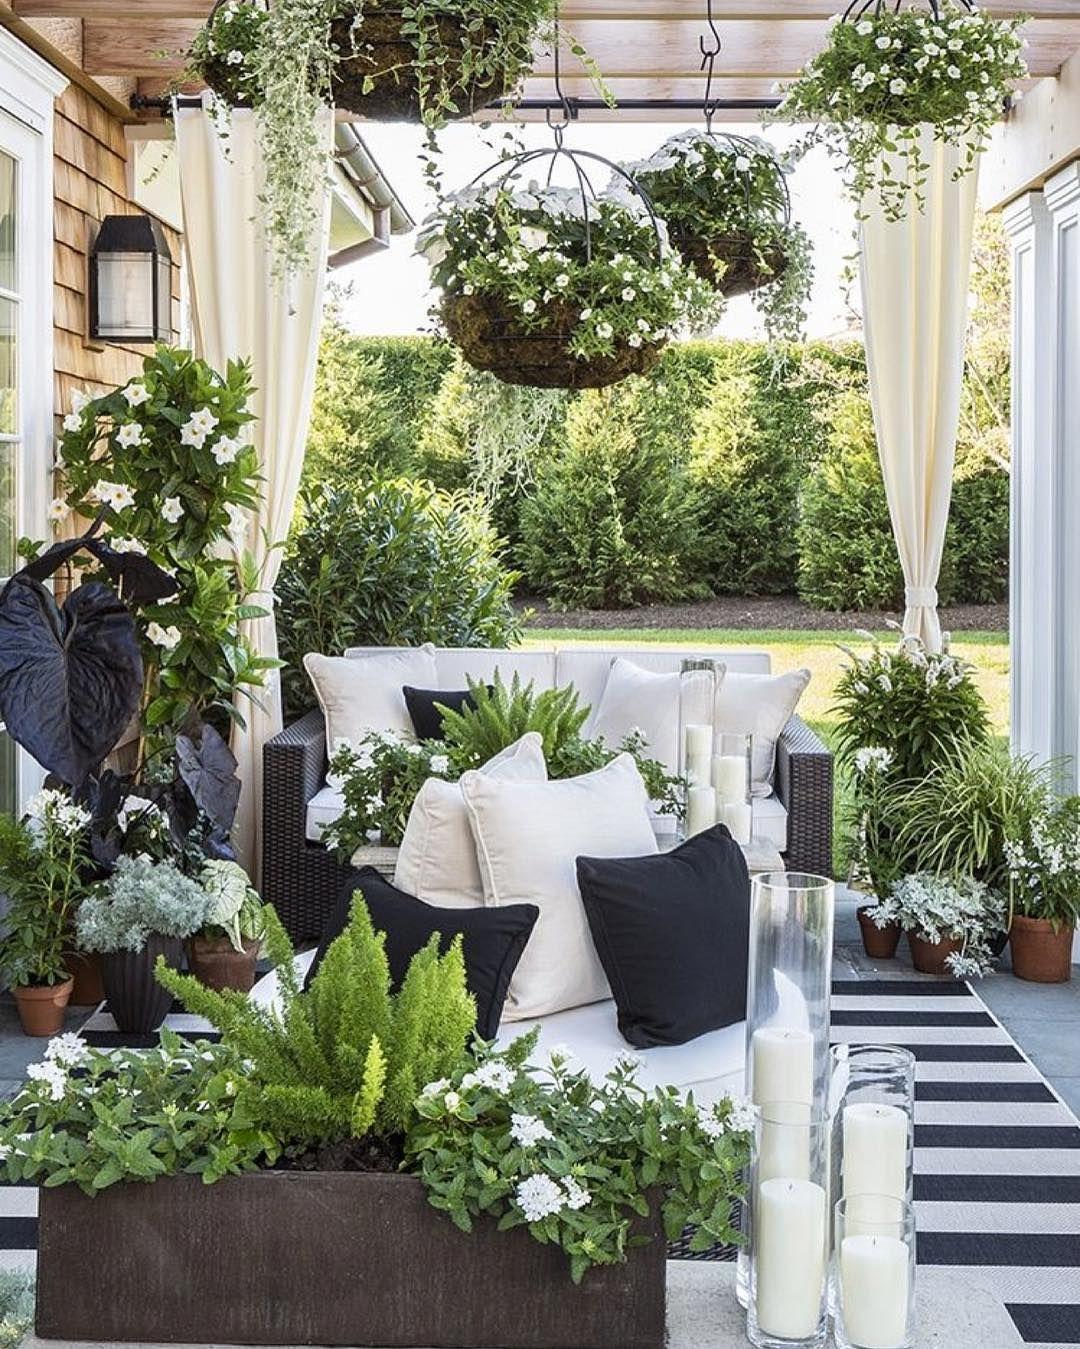 Monochrome garden room  Outdoor patio decor, Small outdoor patios